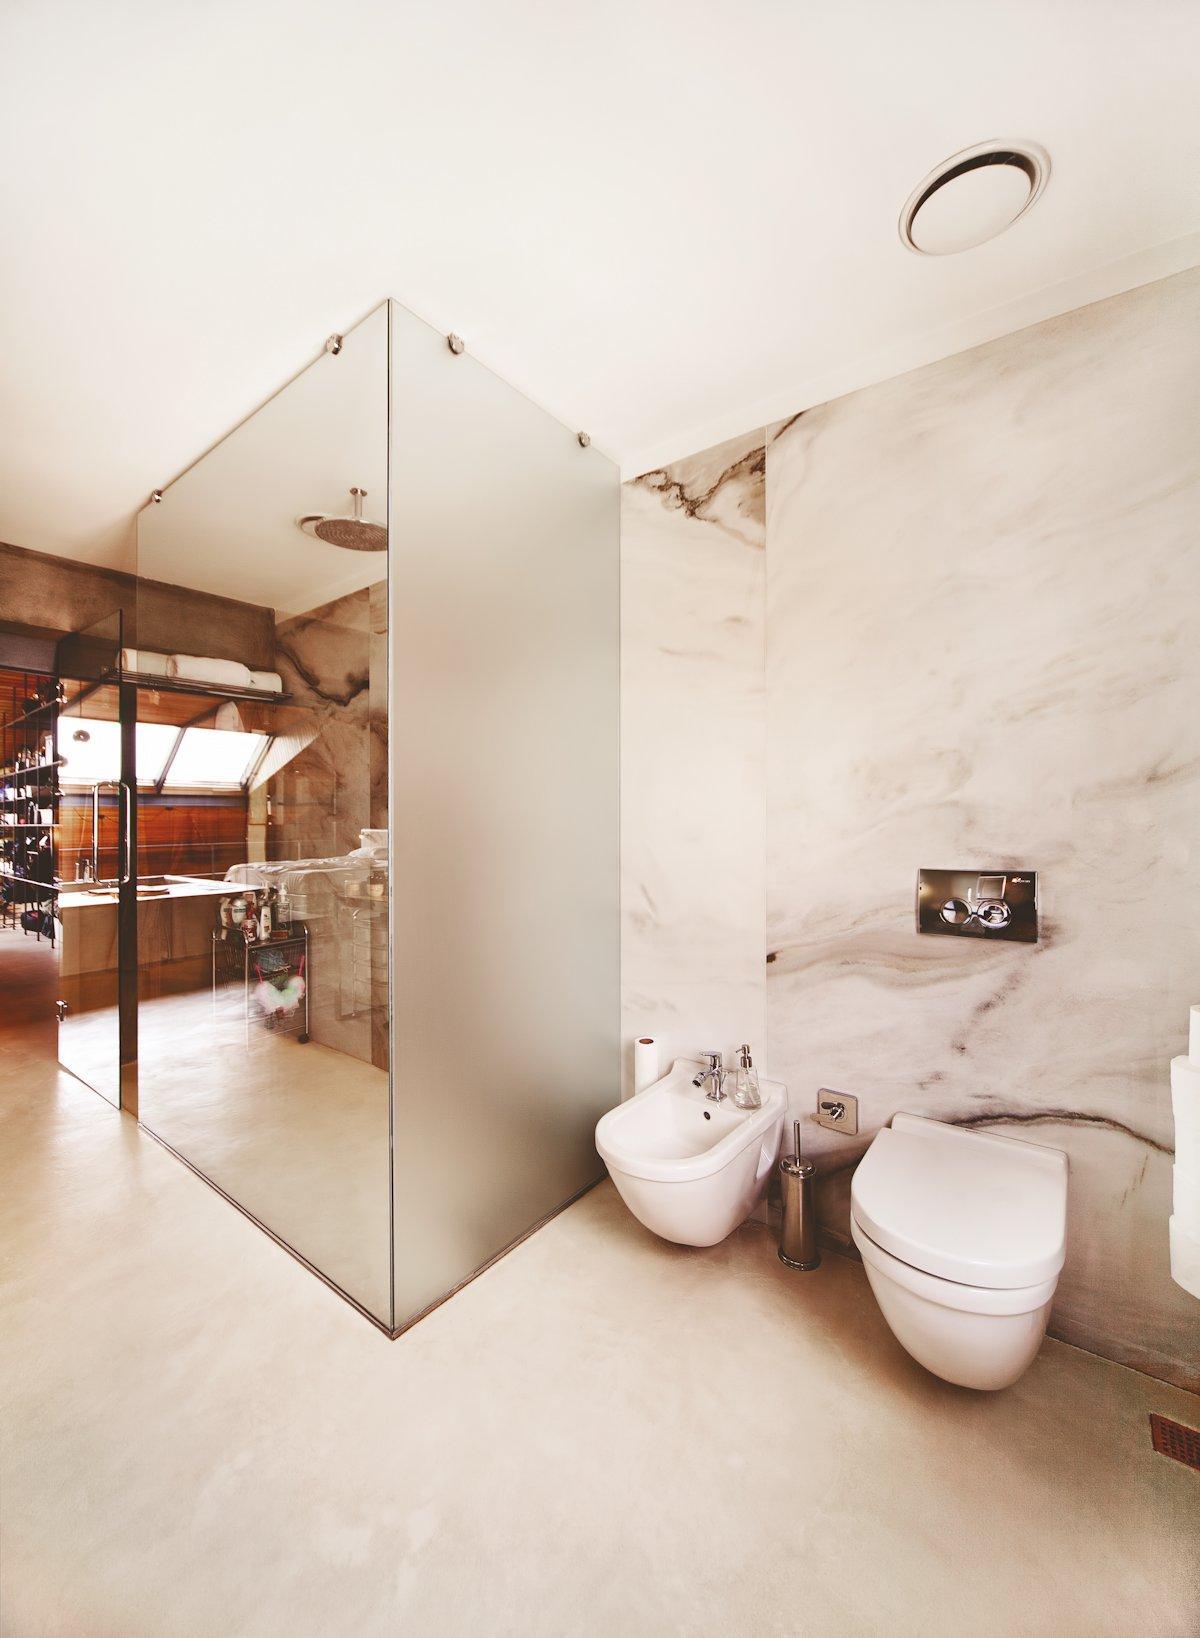 студия дизайна Ofist, пентхаус Karakoy, лофт Karakoy, элитное жилье в Турции, обзор лучших квартир, фото пентхауса, примеры лофта, оформление интерьера